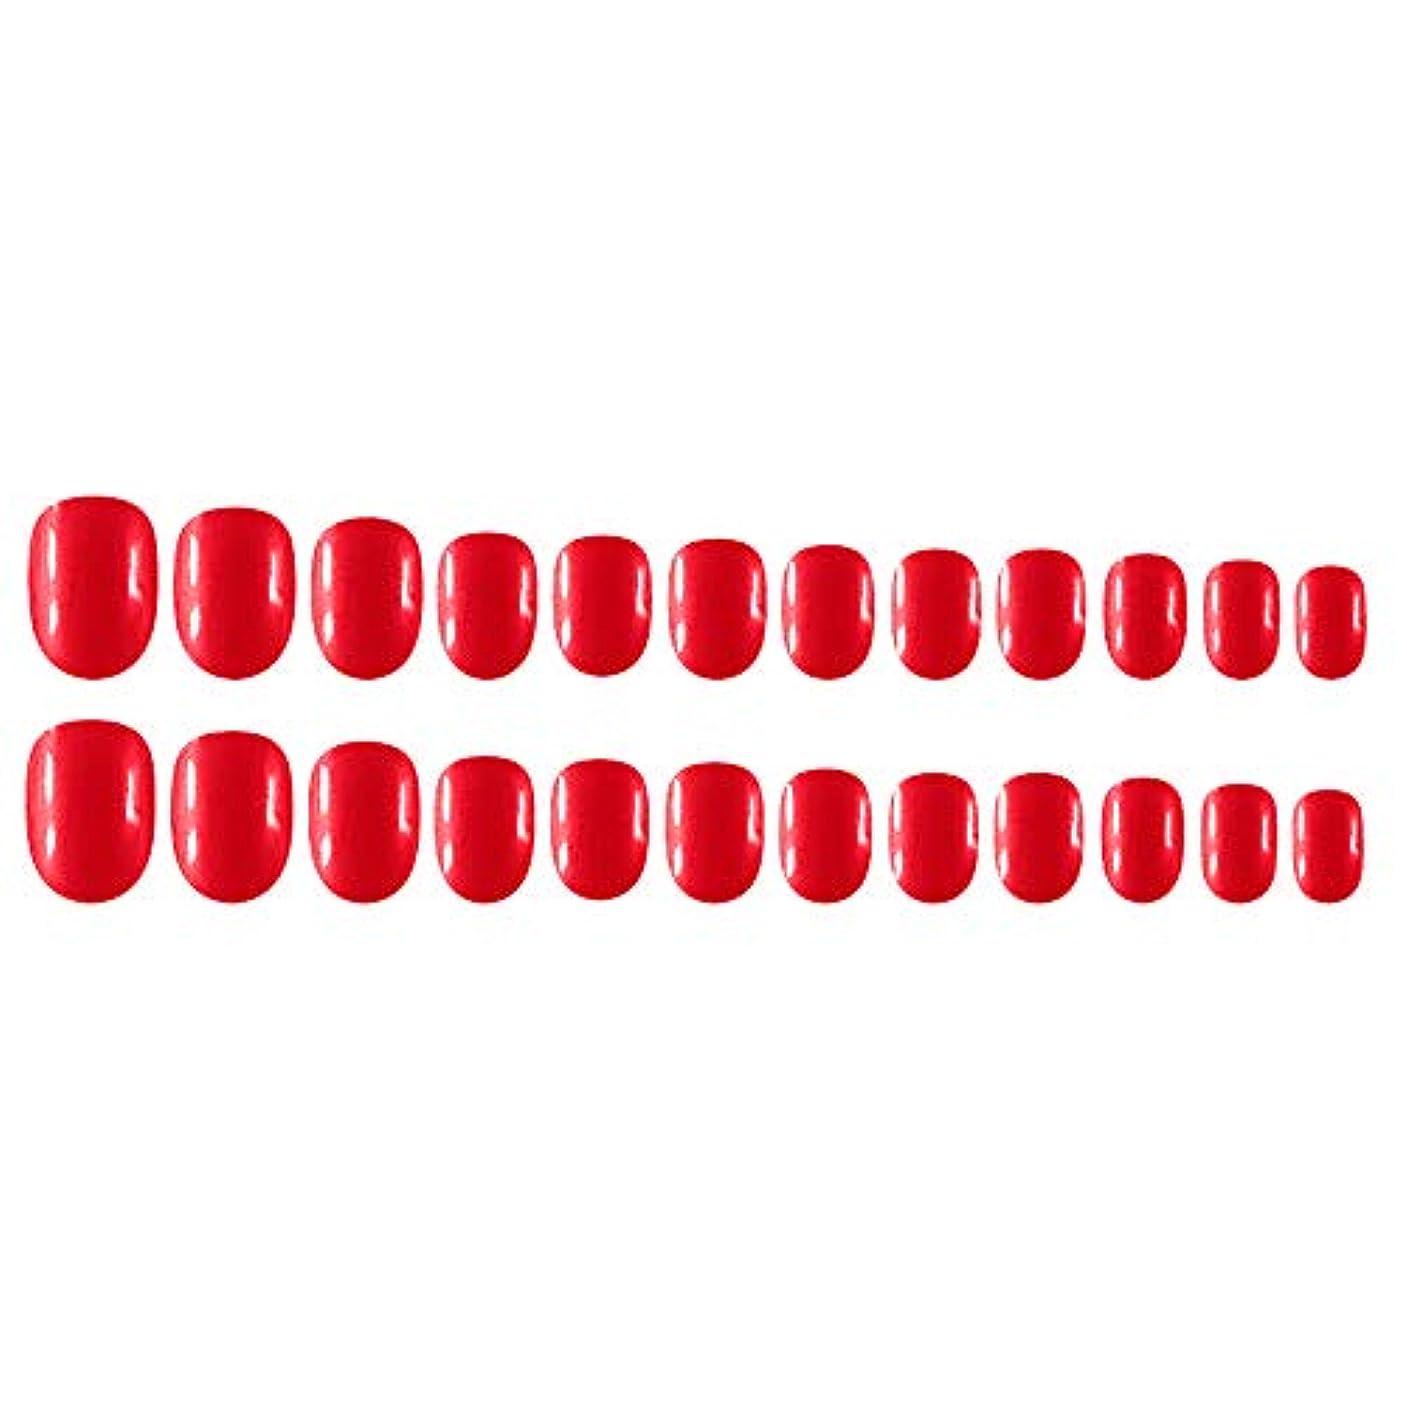 プレーヤー植生再現するDecdeal Decdeal ネイルチップ 24ピース 12異なるサイズ diy サロン ネイルアートツール 偽